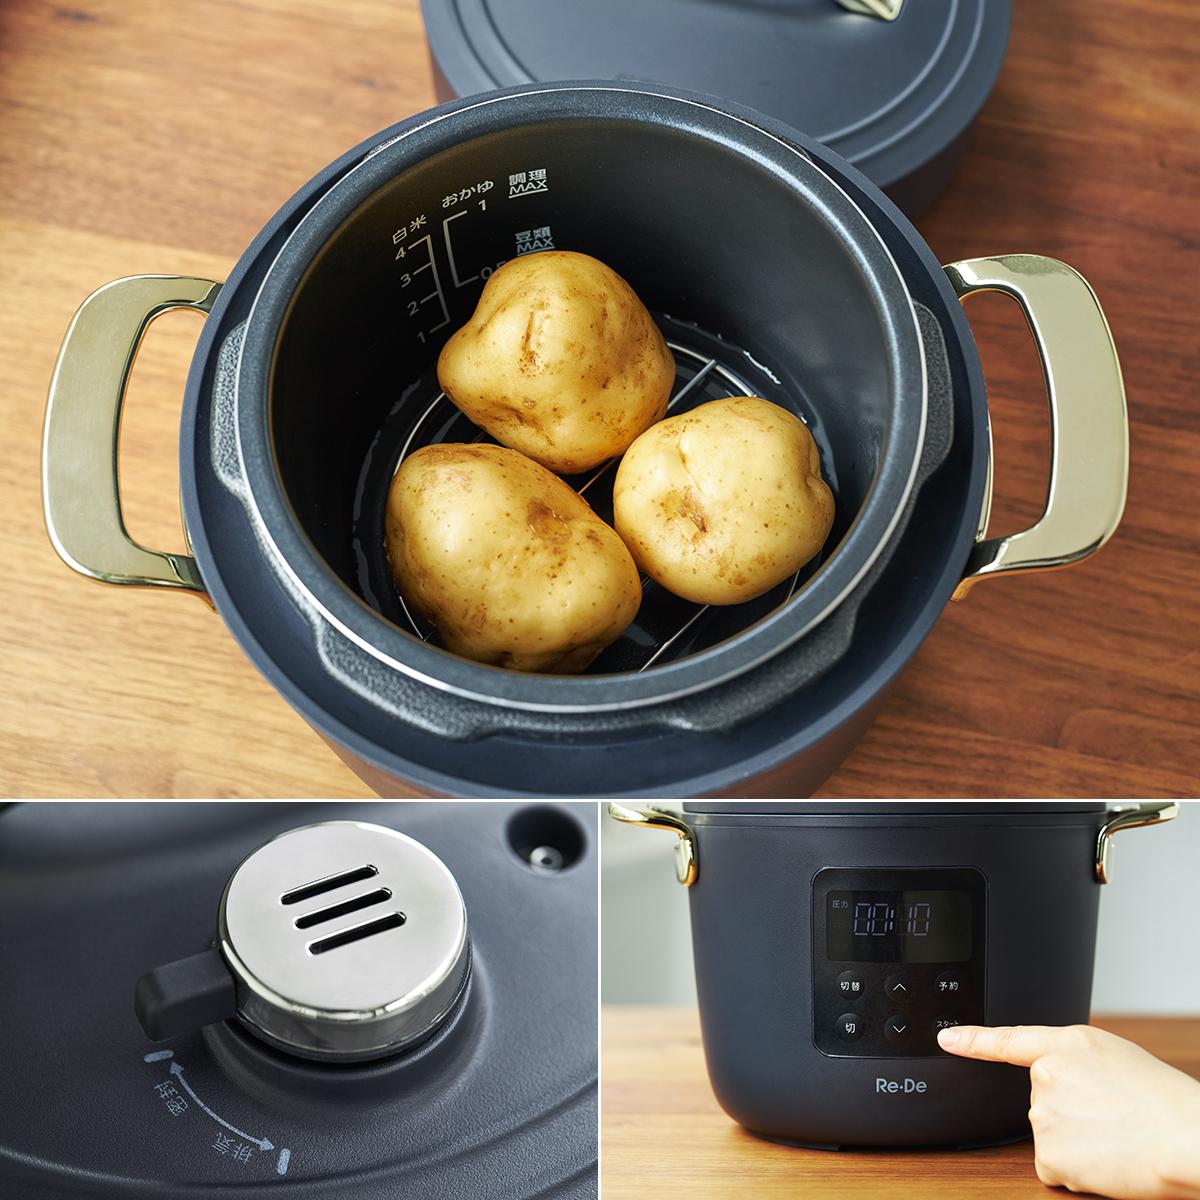 個人的に感動したのが「ポテトサラダ 」の下ごしらえ。肉はジューシーに、ジャガイモはホクホクに下ごしらえ!炊飯も調理も楽チンで早い「アシスト調理器・電気圧力鍋」|Re-De Pot(リデ ポット)